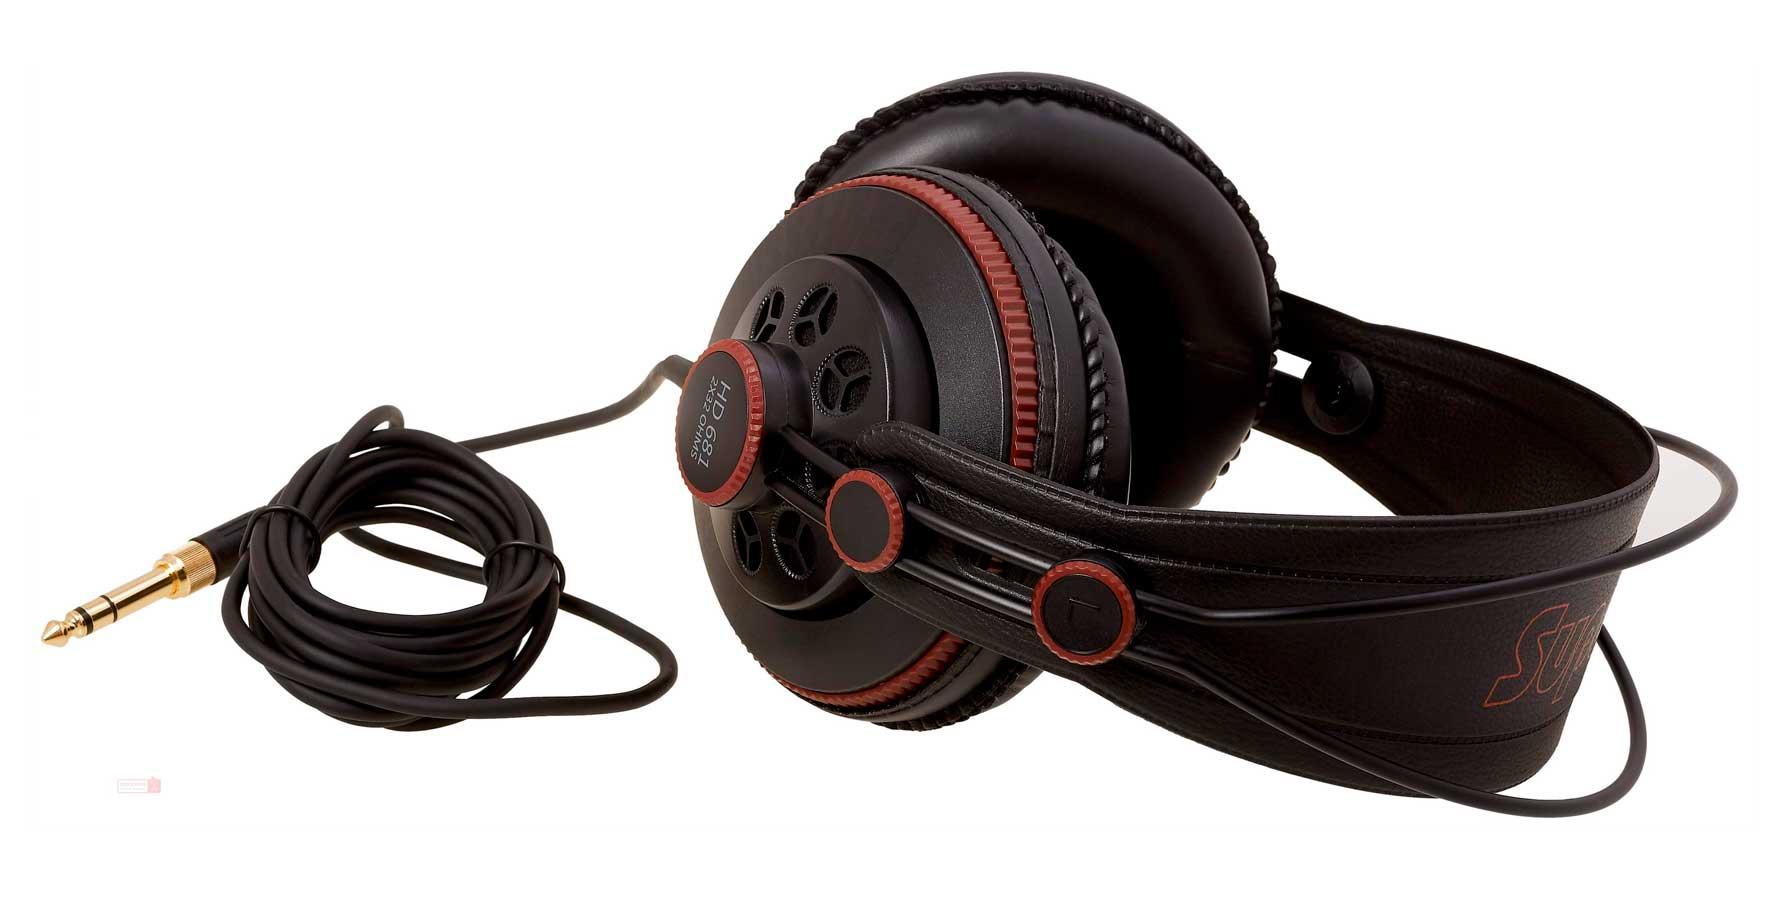 Kit com Microfone de lapela com cabo de 4 metros Yoga EM-1 + Fone profissional Superlux HD681 com cabo de 2 metros